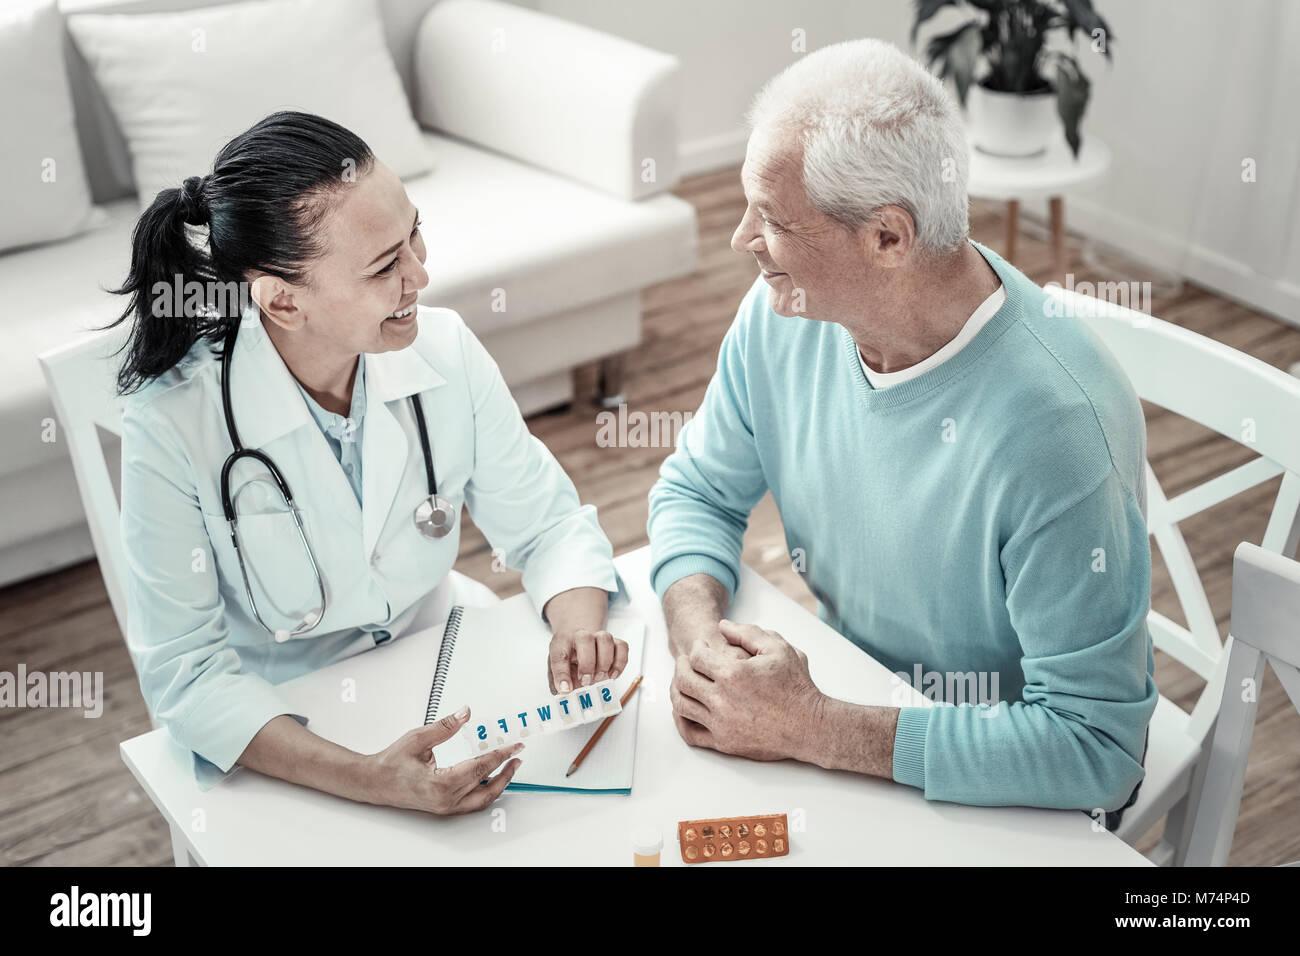 Coppia carino infermiera dando pillole per il paziente e sorridente. Immagini Stock